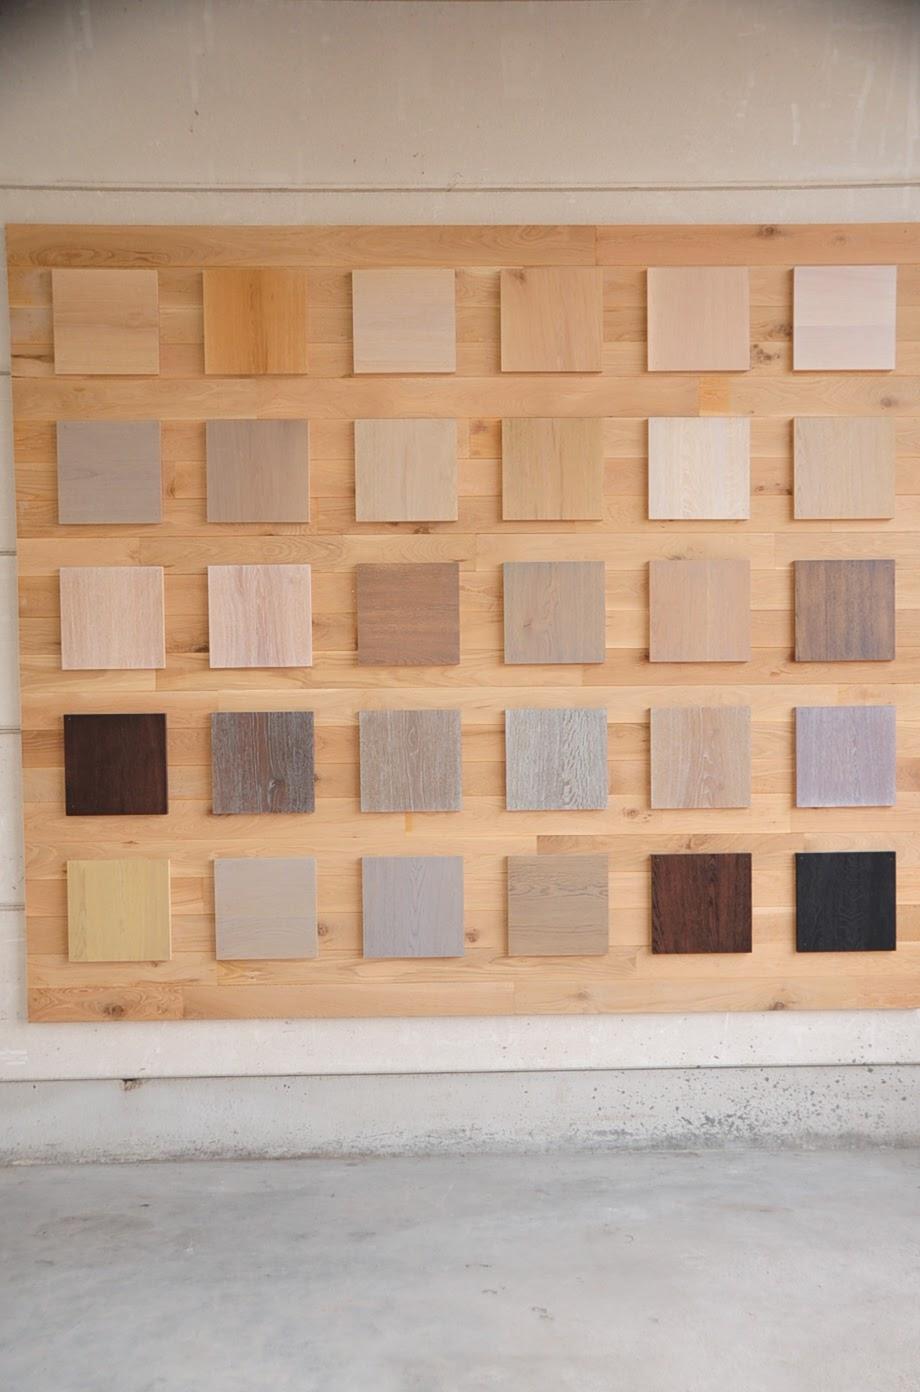 Meubelrenovatie De blog over renovatie van meubelen